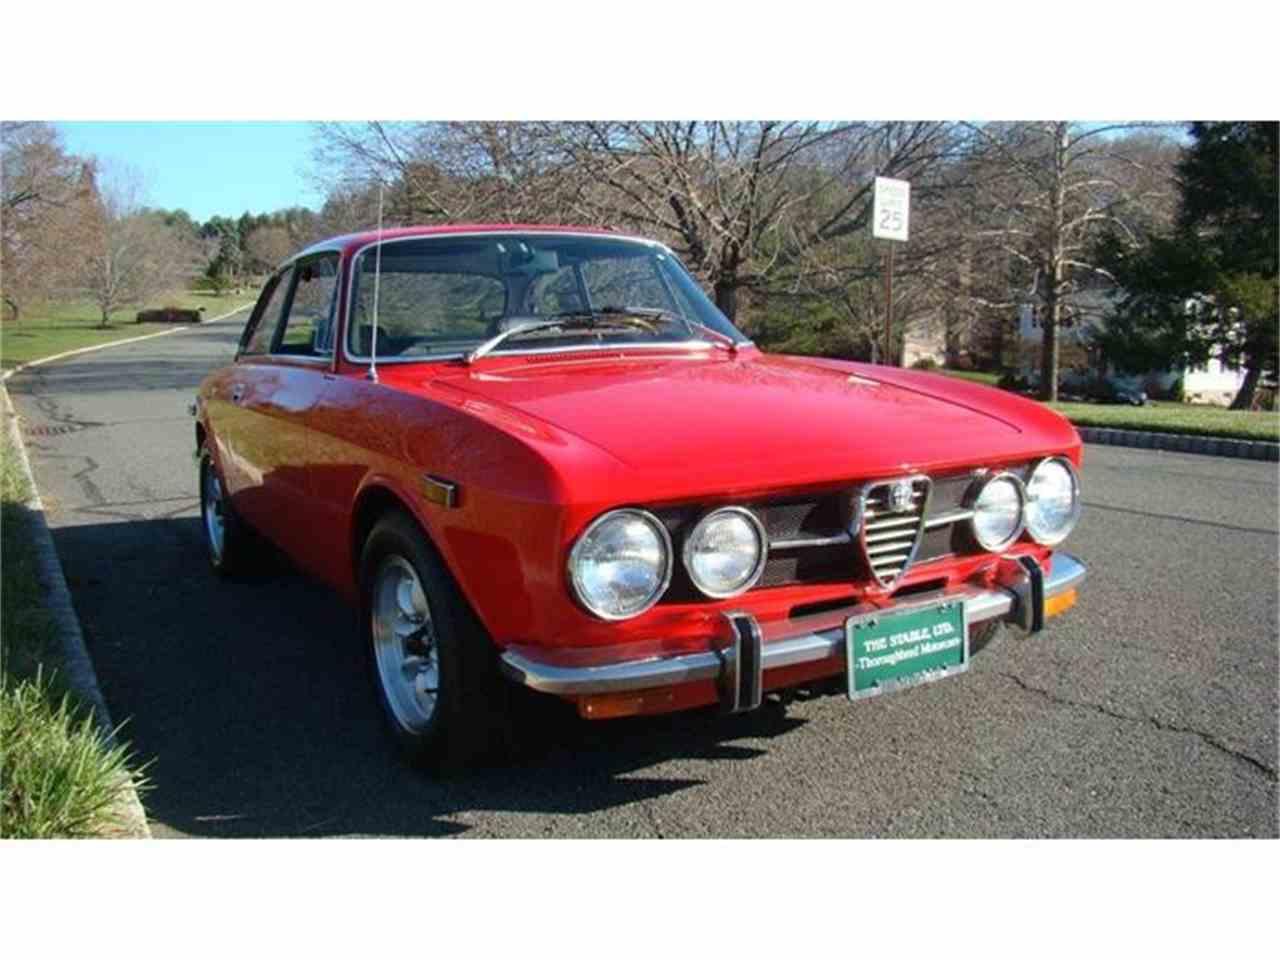 Alfa Romeo Whippany Nj 28 Images File Alfa Romeo